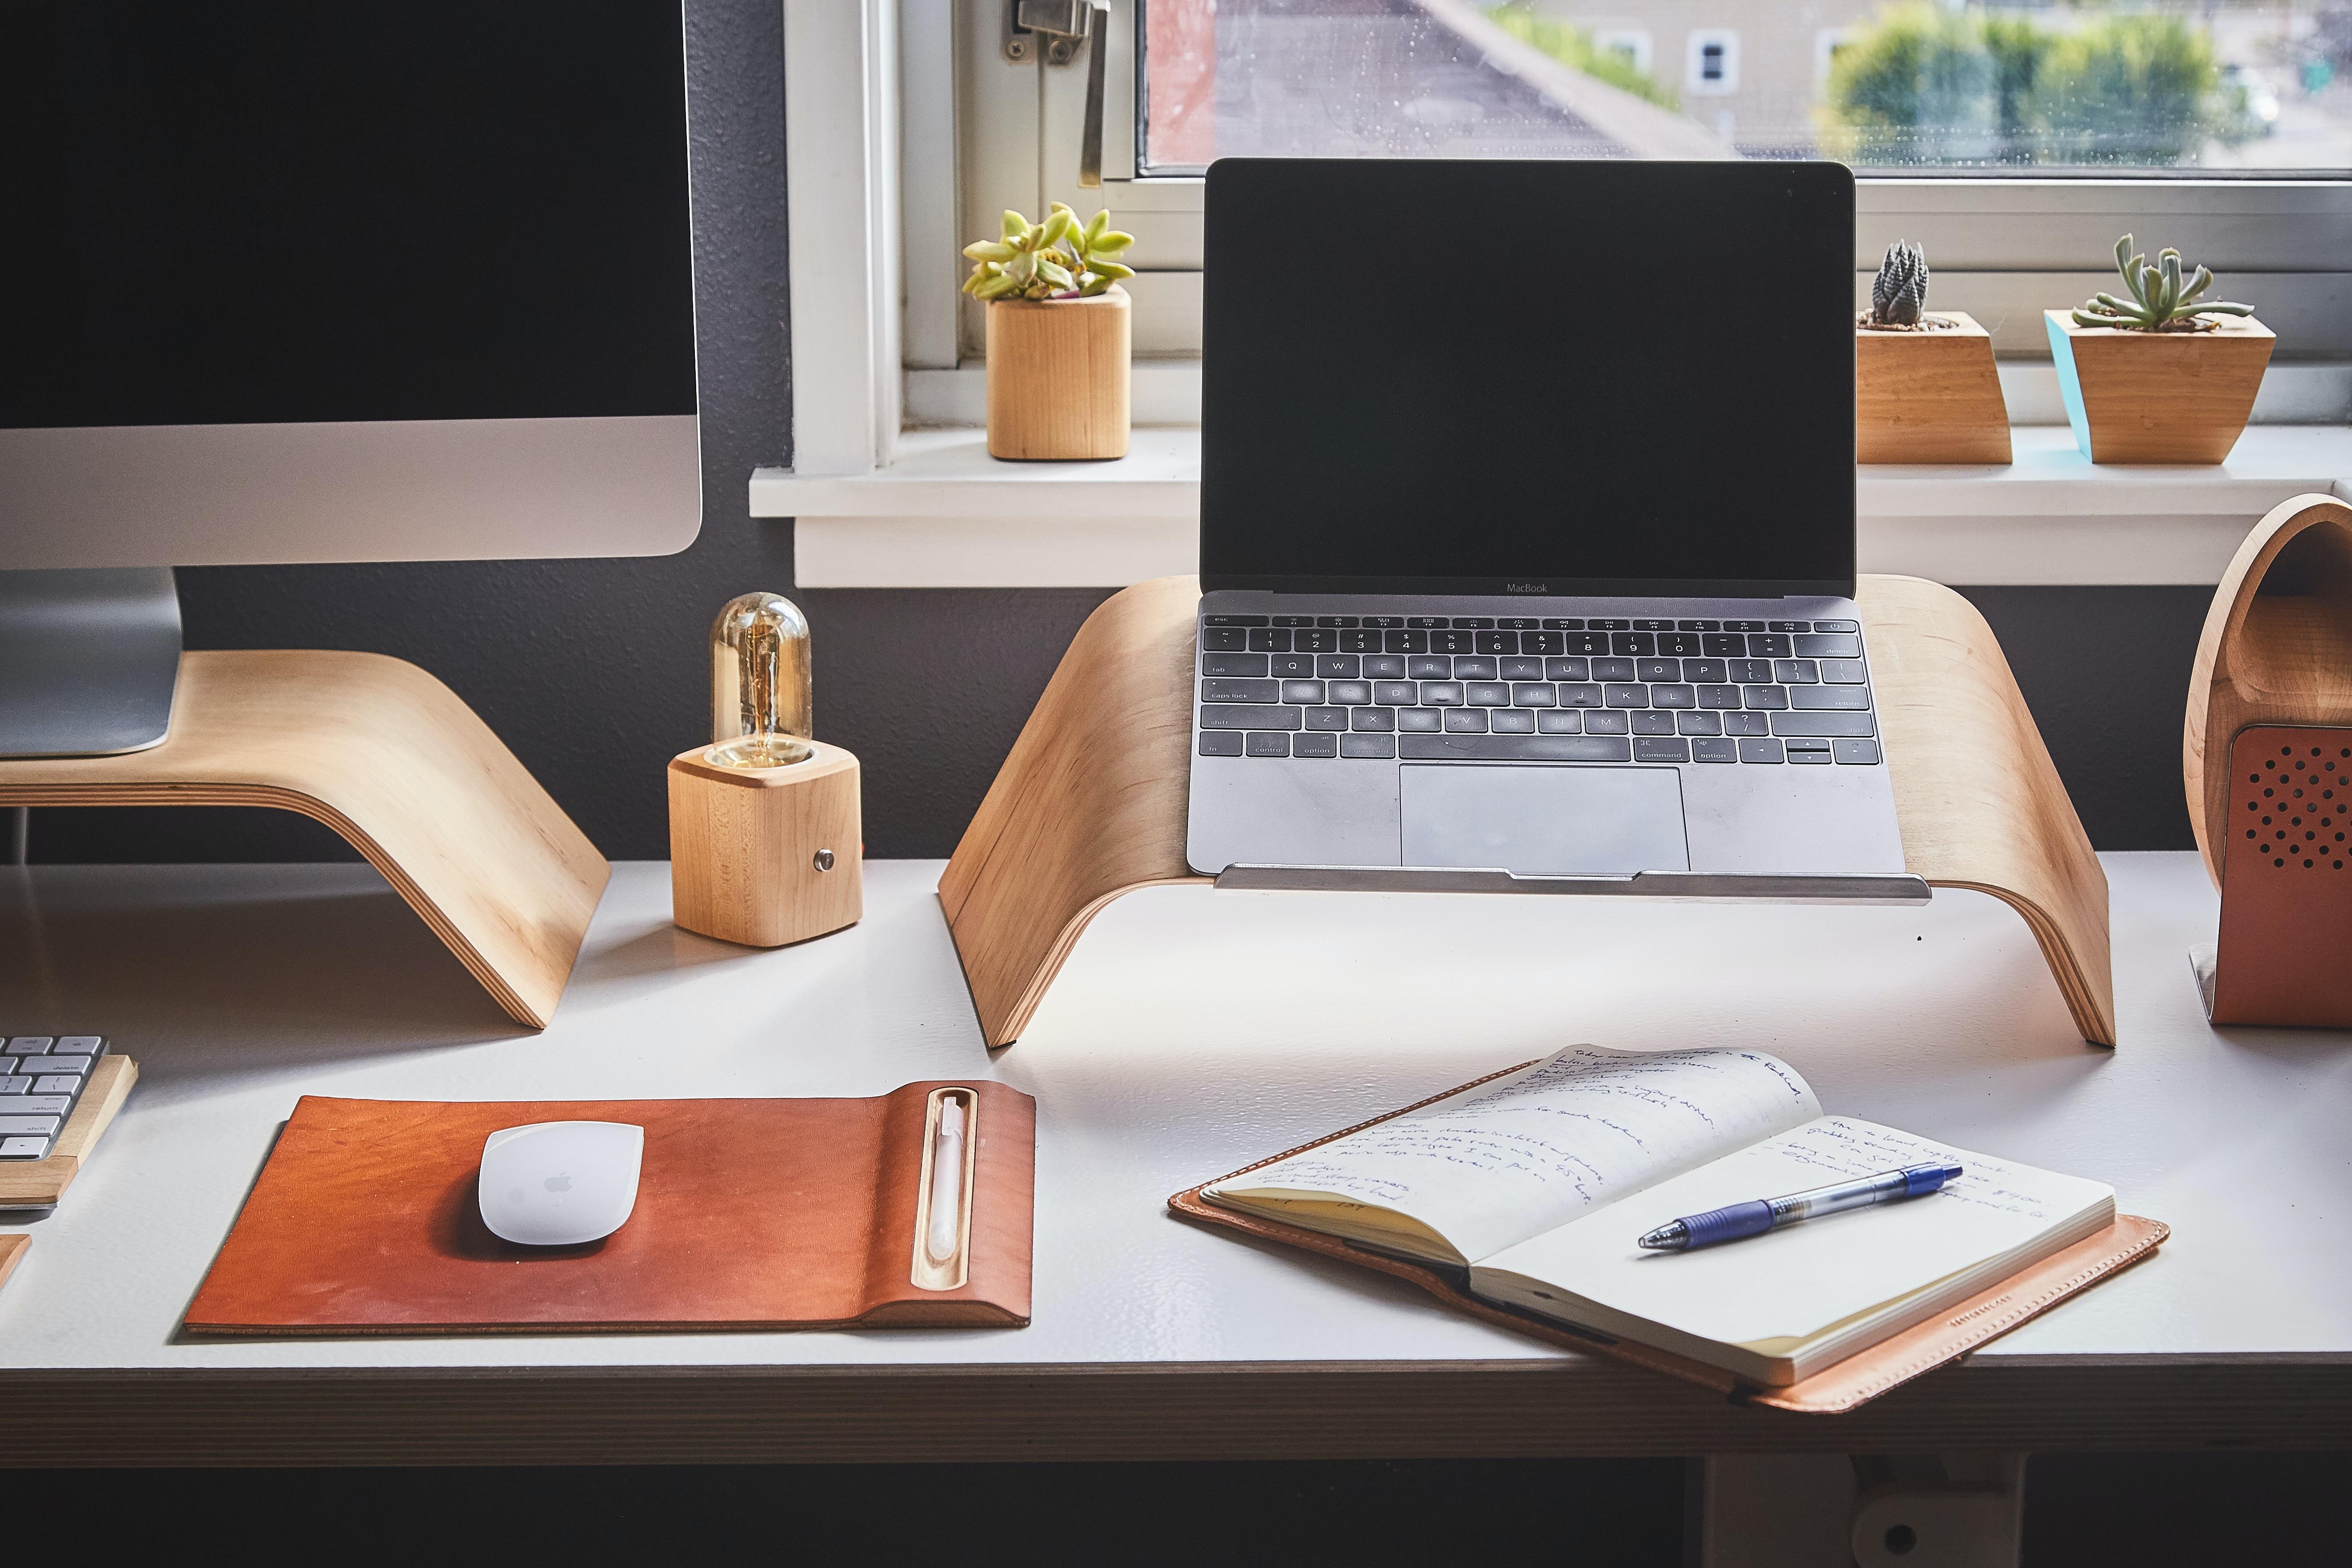 Jasně vymezený a uklizený prostor pro práci vám na home office pomůže se lépe soustředit